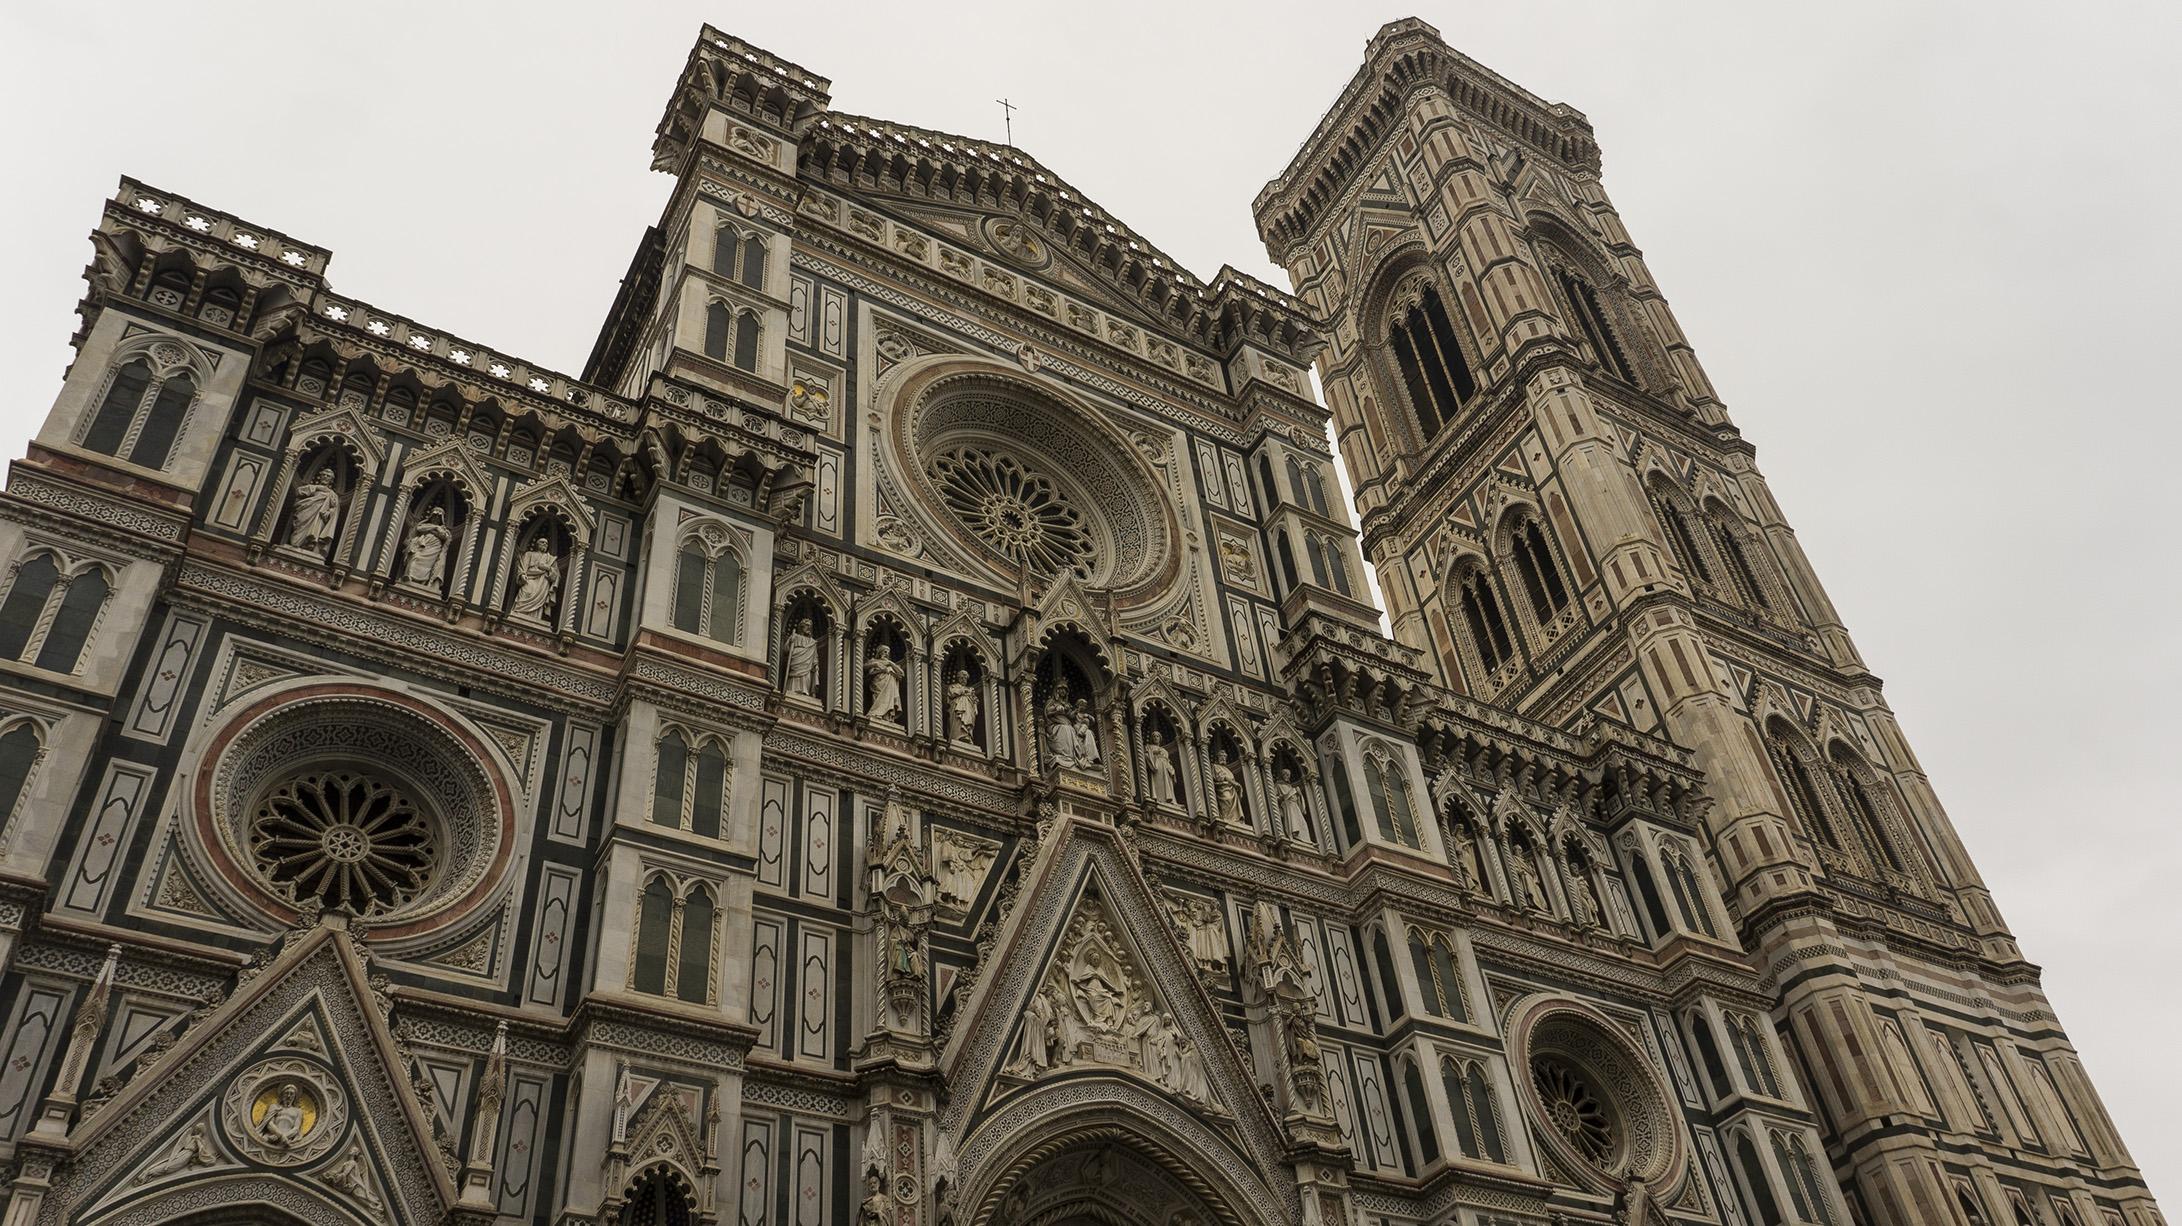 Достопримечательности Флоренции: Собор Санта-Мария-дель-Фьоре